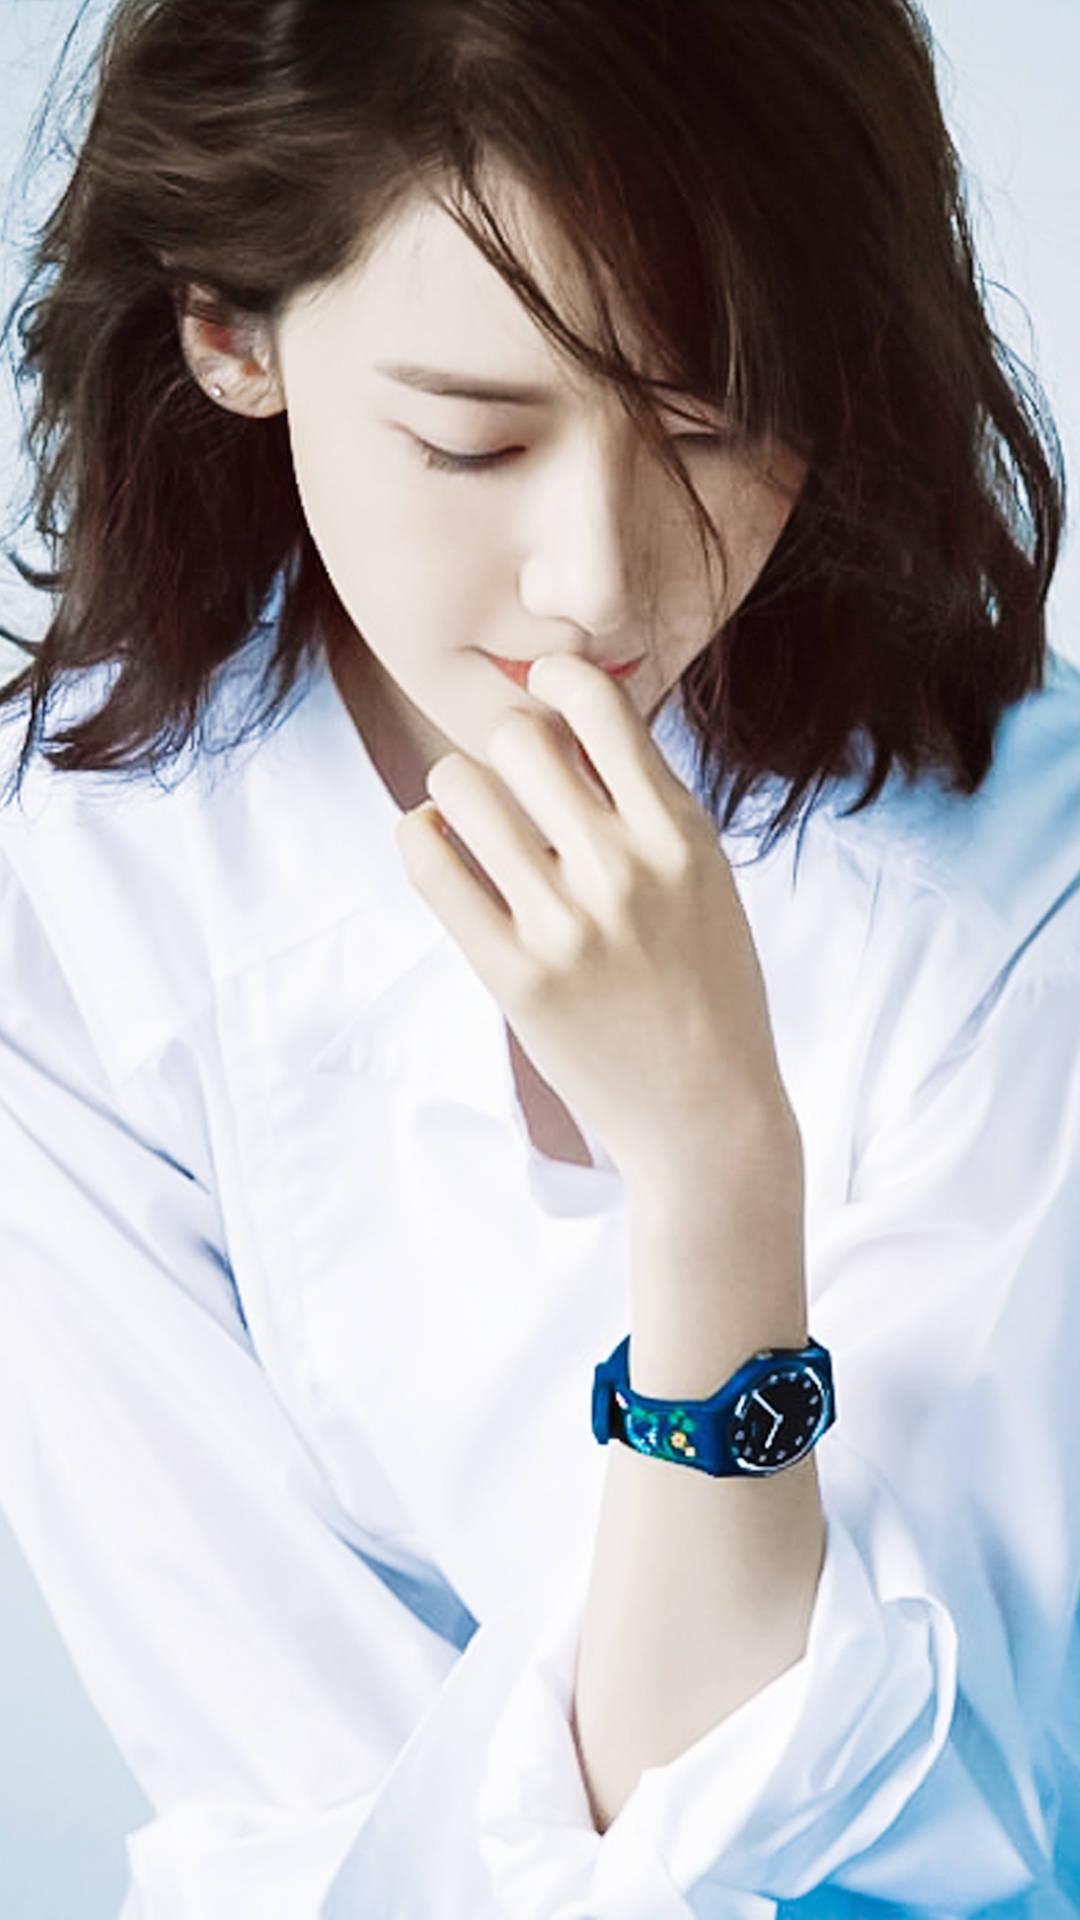 yoonA-xinh-dep-rang-ngoi-khien-fan-chao-dao (3)